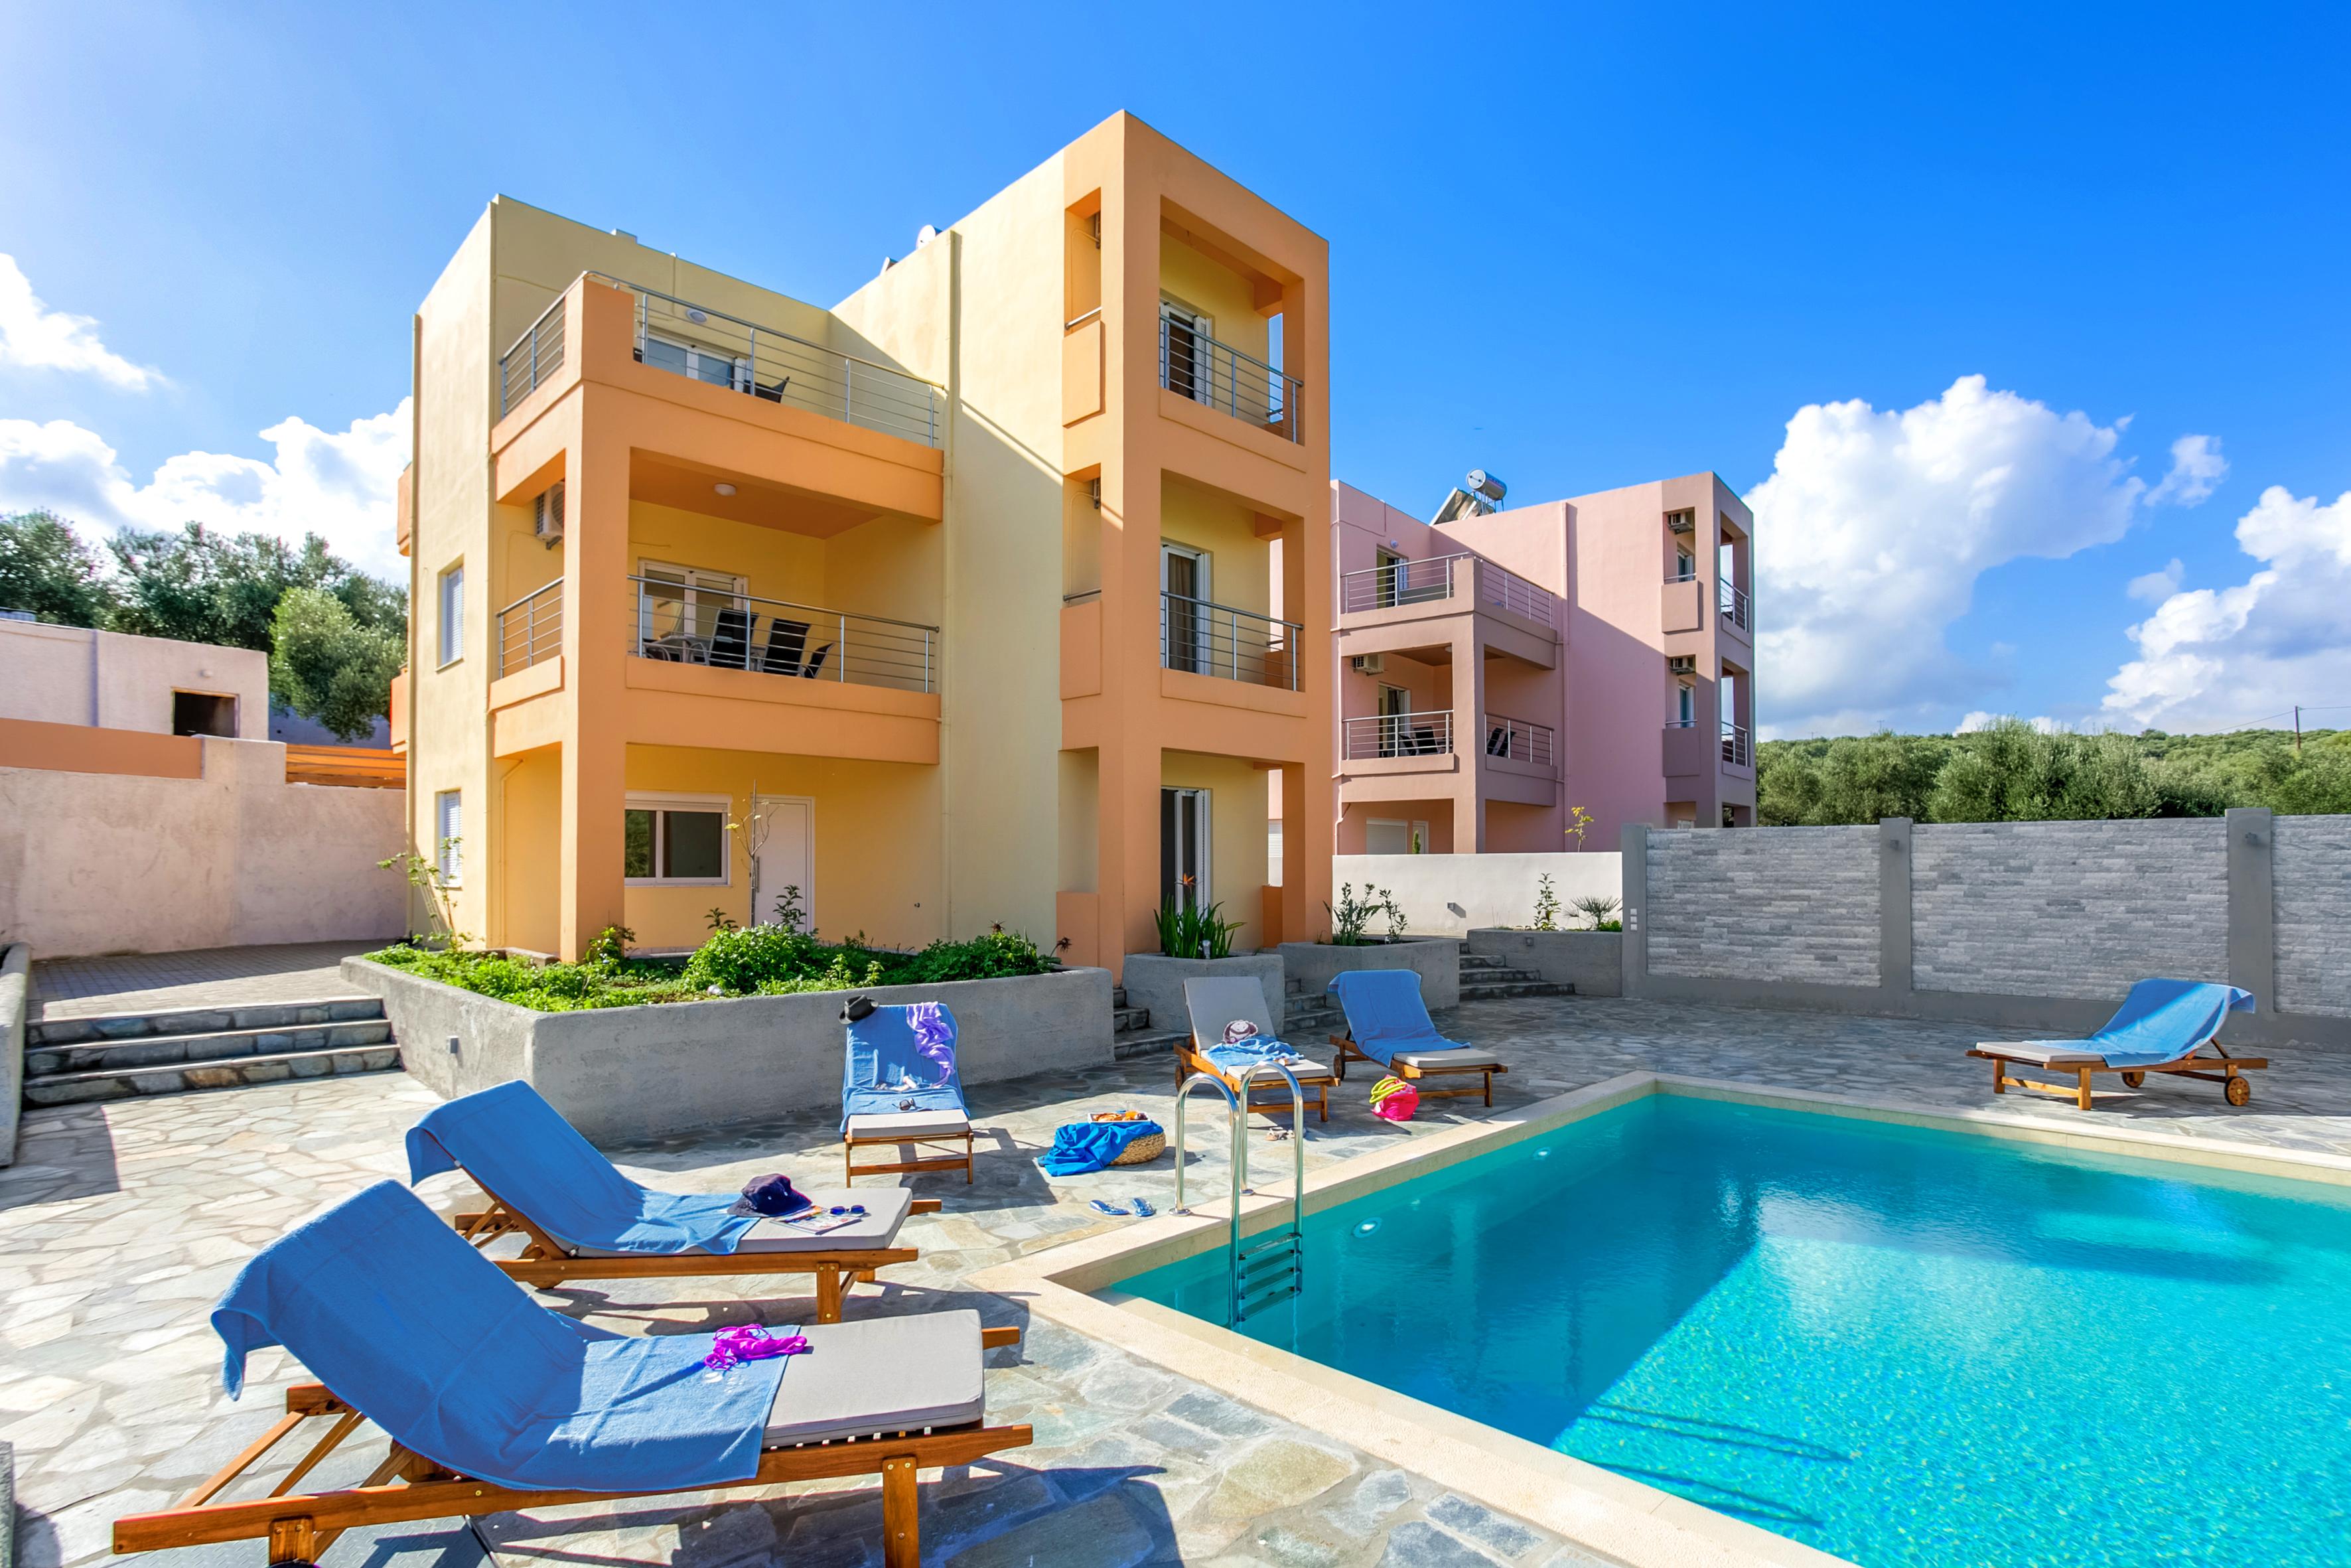 Ferienhaus Villa Katina mit privatem Pool in der Nhe von Almyrida (2125138), Neon Khorion Kriti, Kreta Nordküste, Kreta, Griechenland, Bild 5